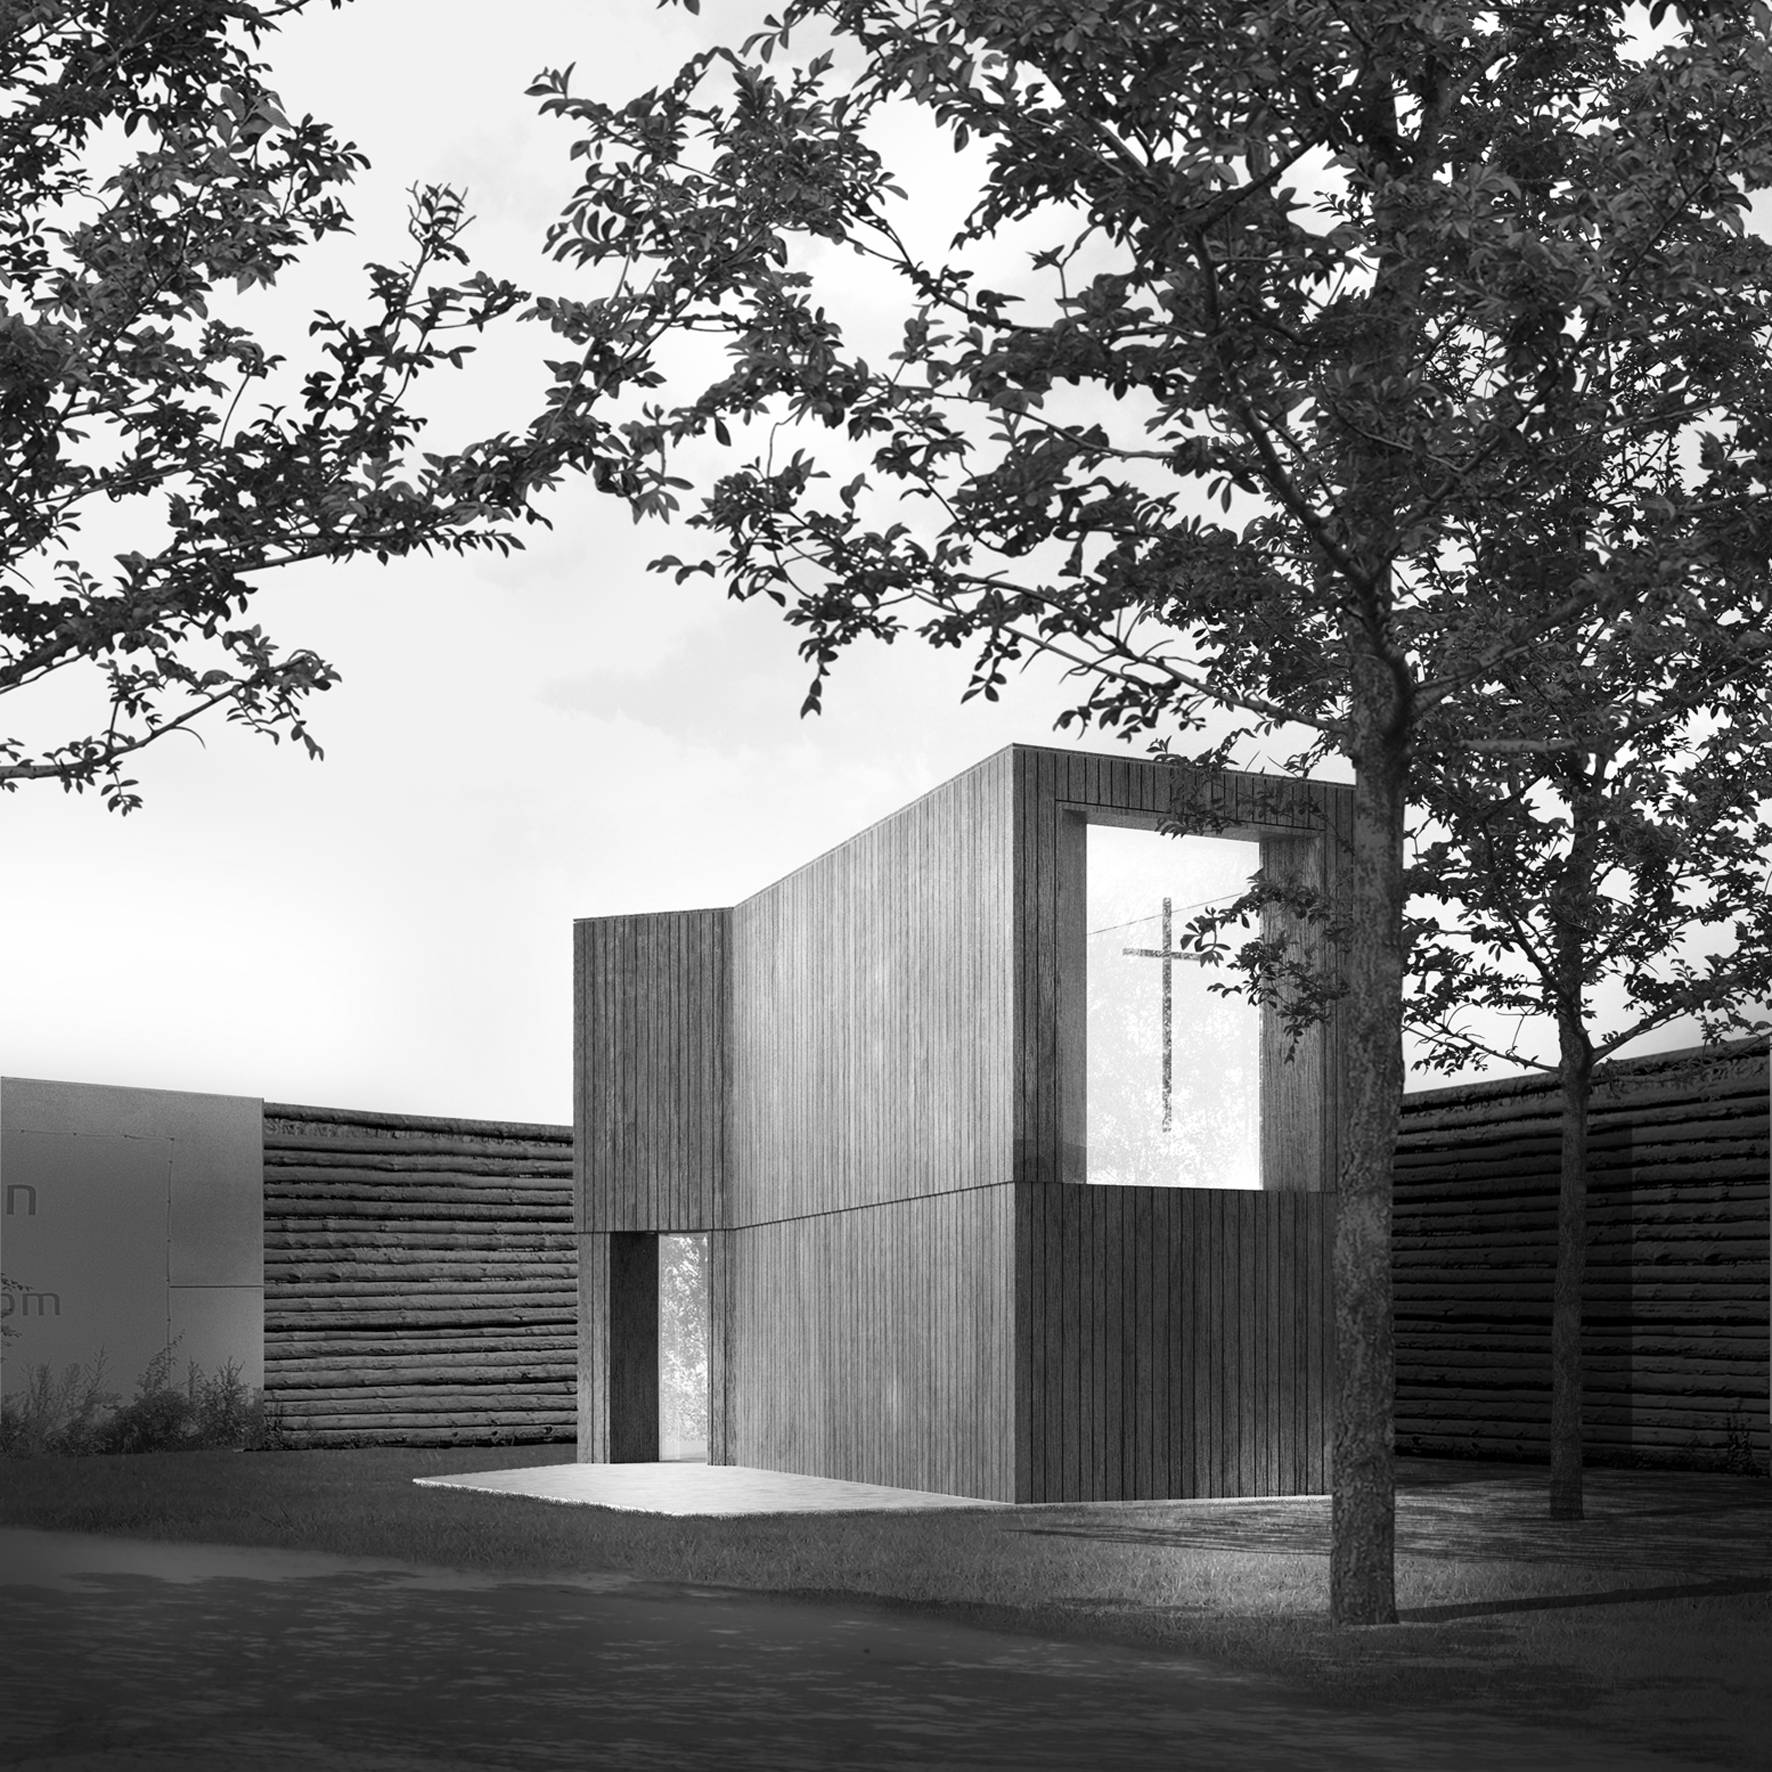 Projekt-kapelle-in-friesland-schoenbornschmitz-architekten